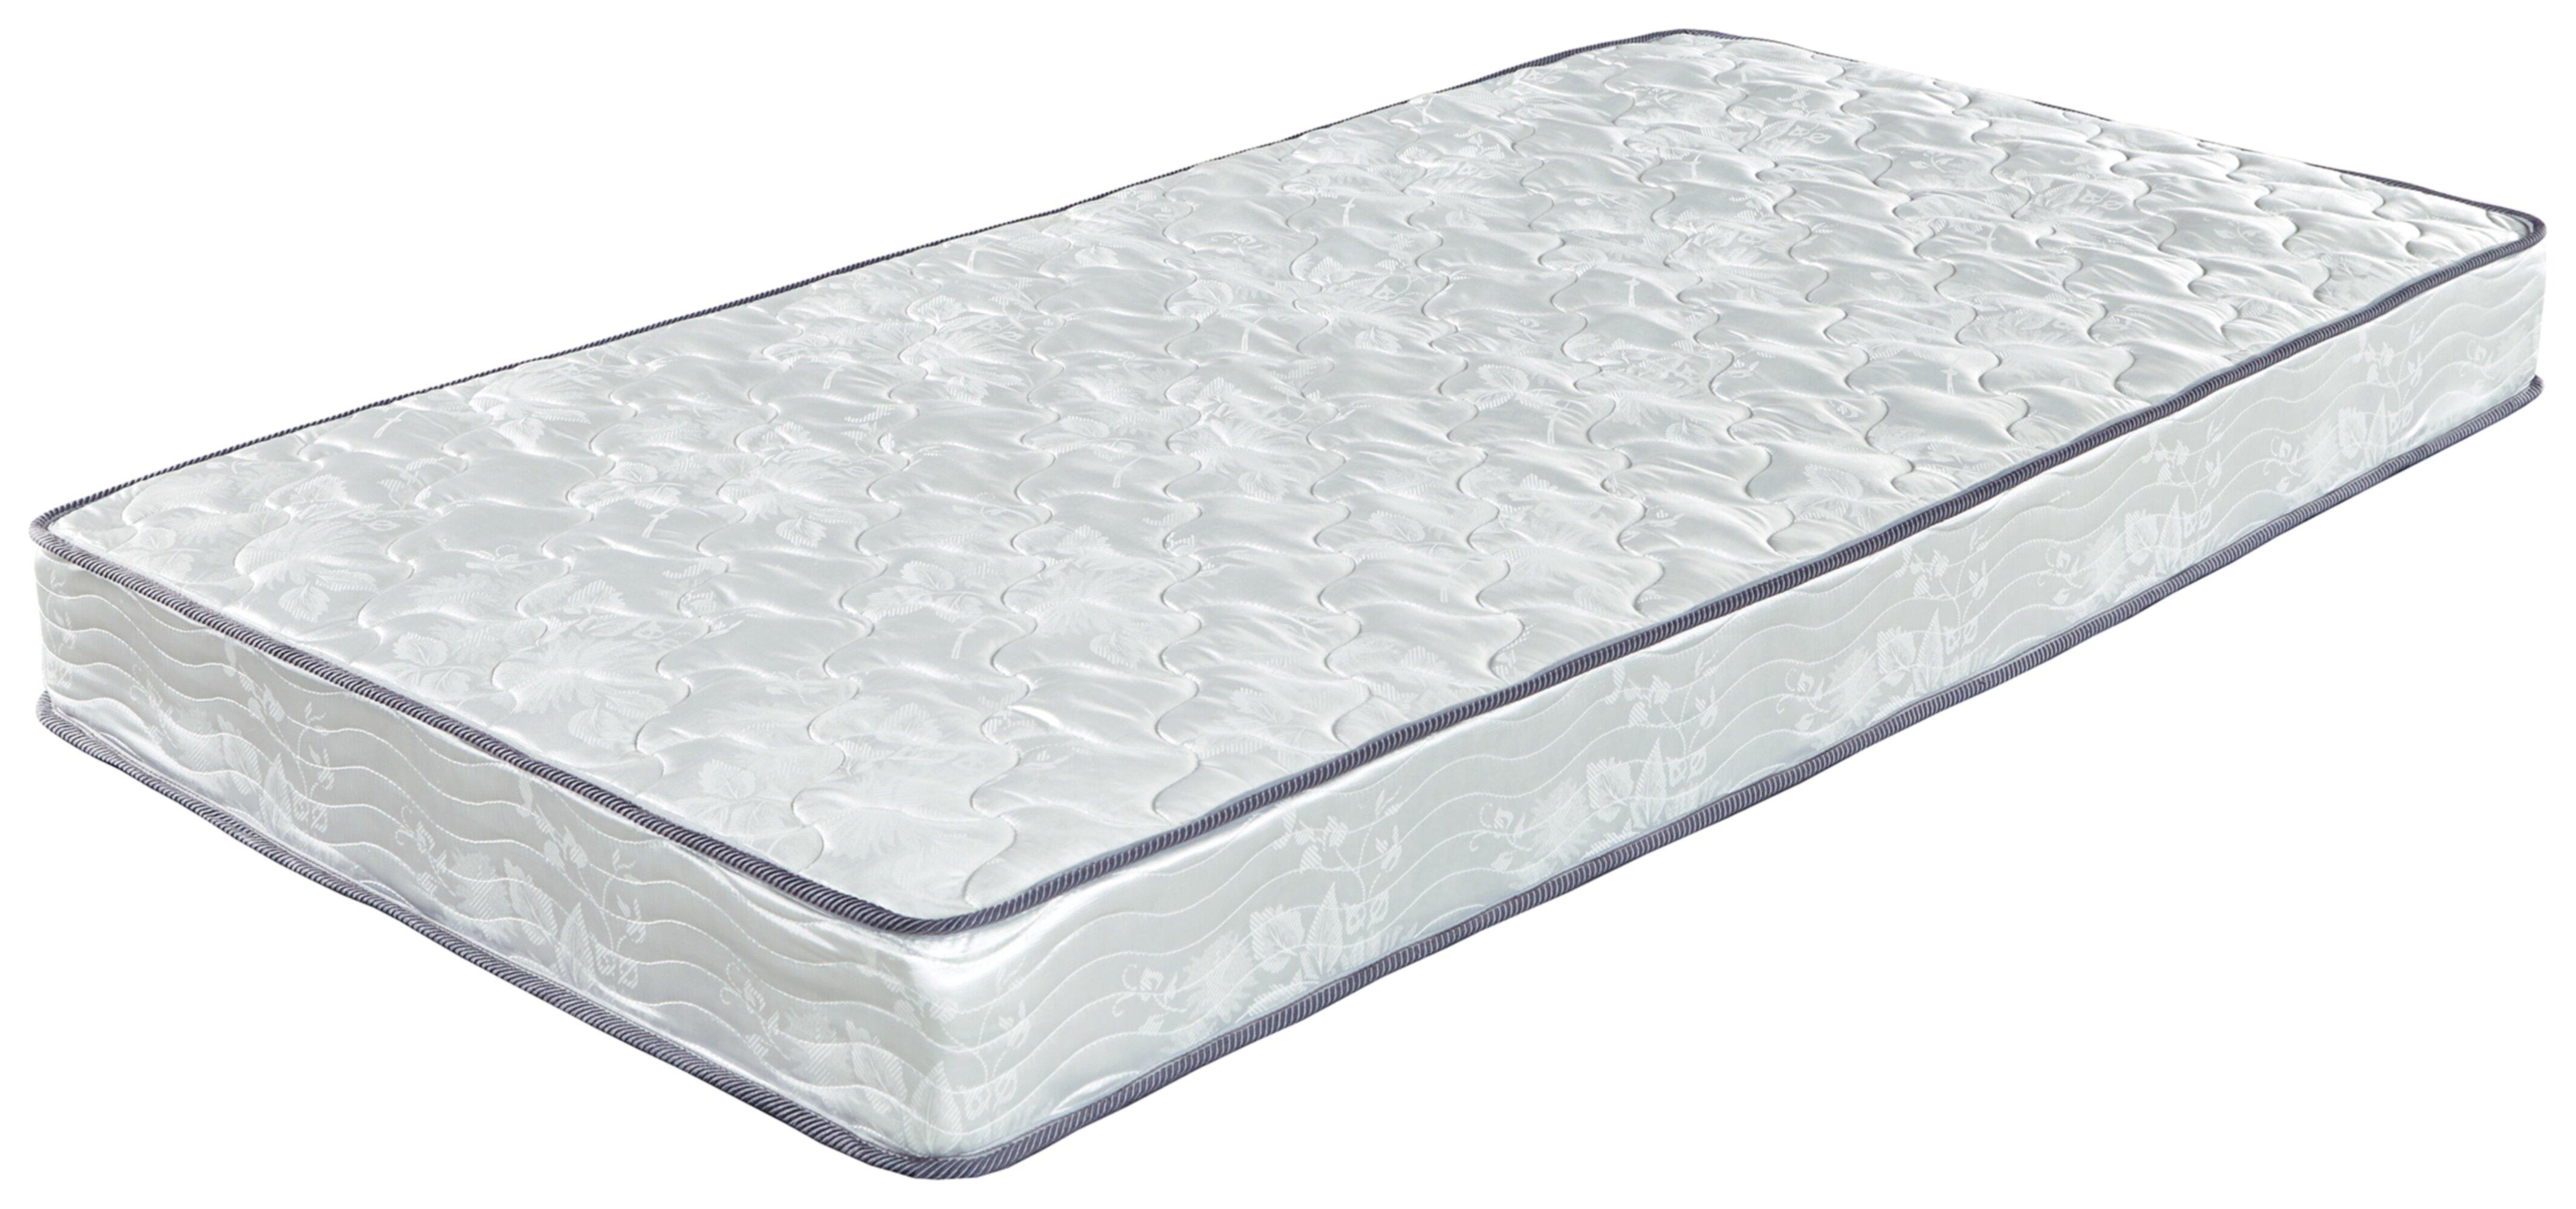 Firm Innerspring Sofa Bed Mattress